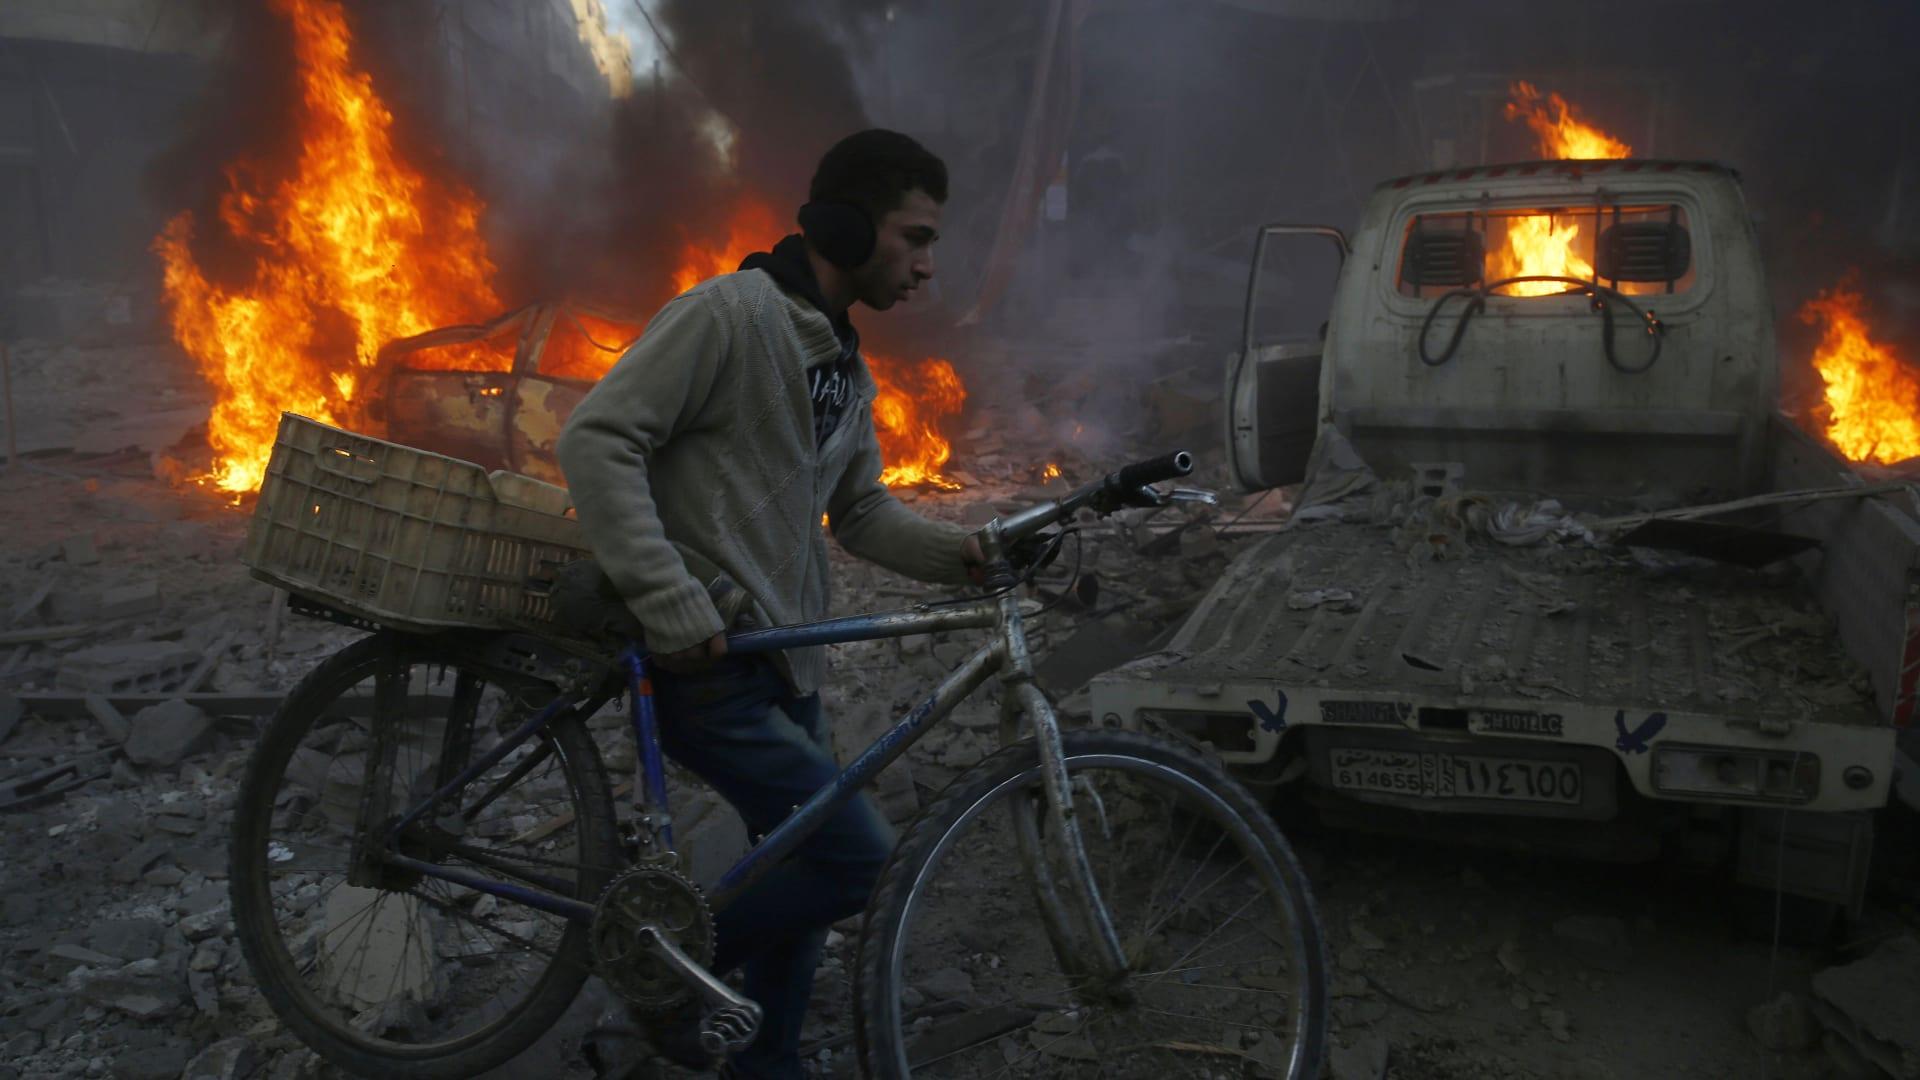 """وزارة الدفاع الروسية: ما ورد في تقرير """"أمنستي"""" معلومات خاطئة ولم نستعمل القنابل العنقودية في سوريا"""